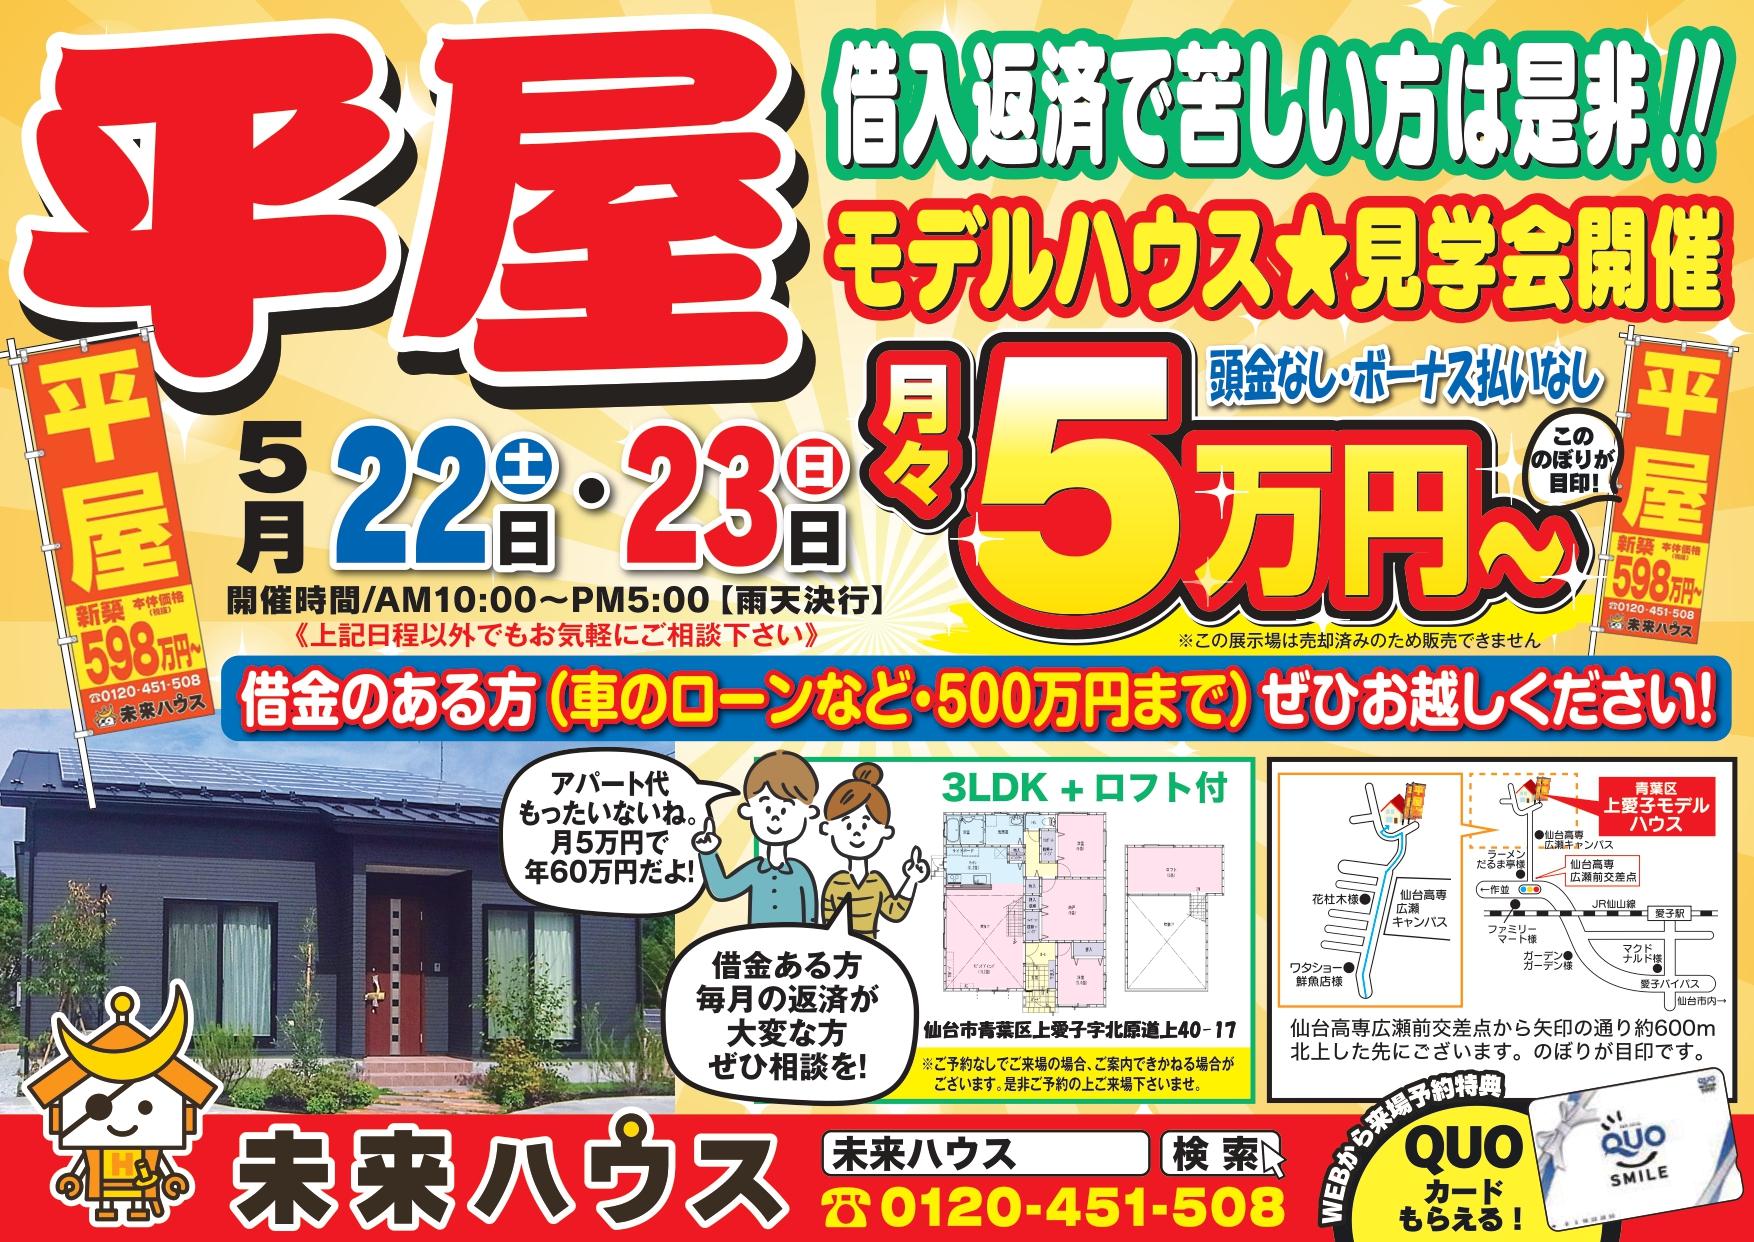 5月22日(土)・23日(日) 上愛子平屋モデルハウス